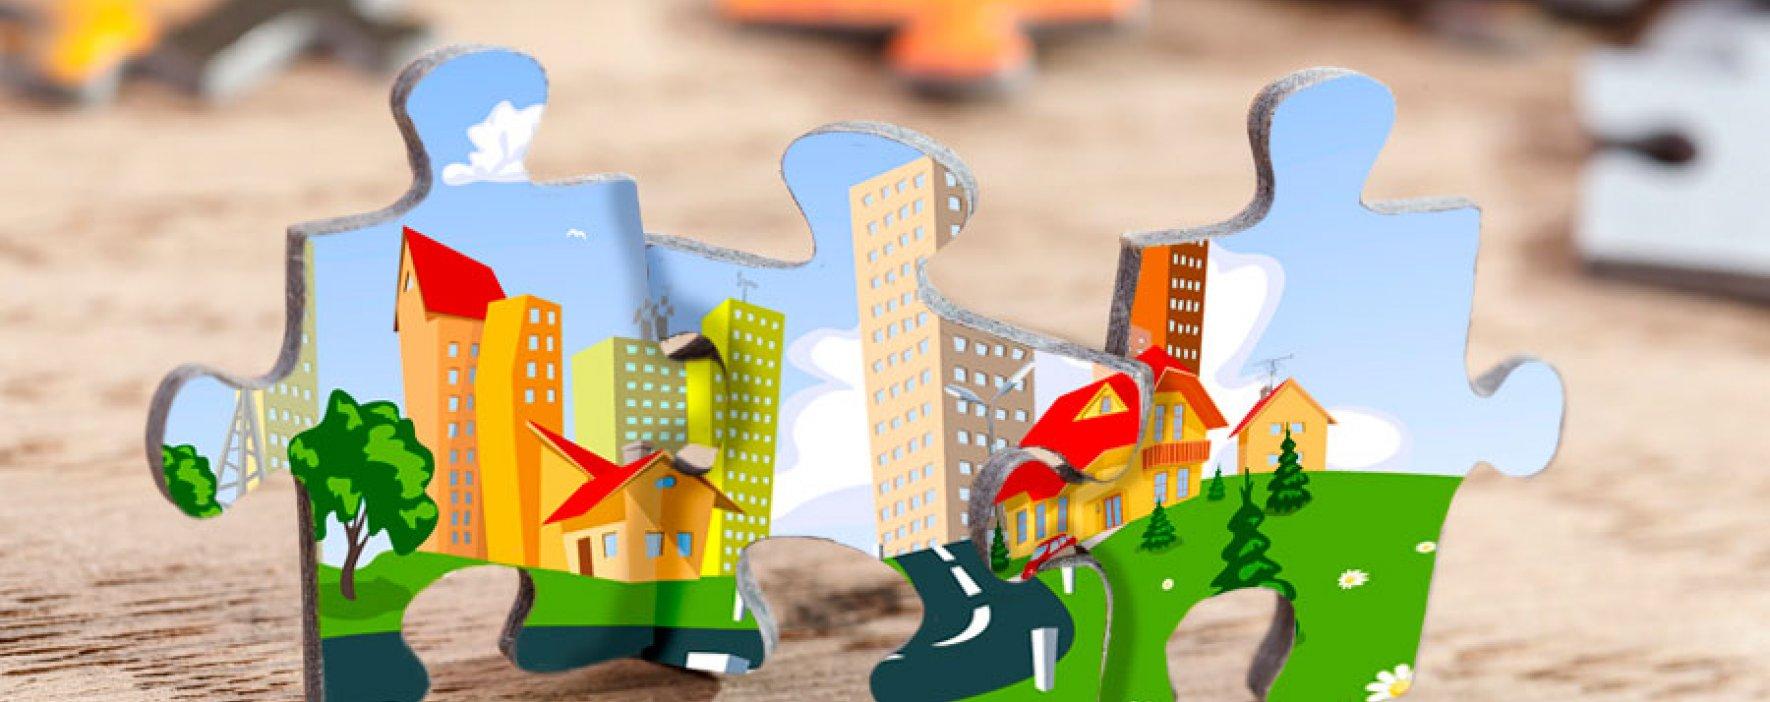 Registre su iniciativa por una ciudad mejor